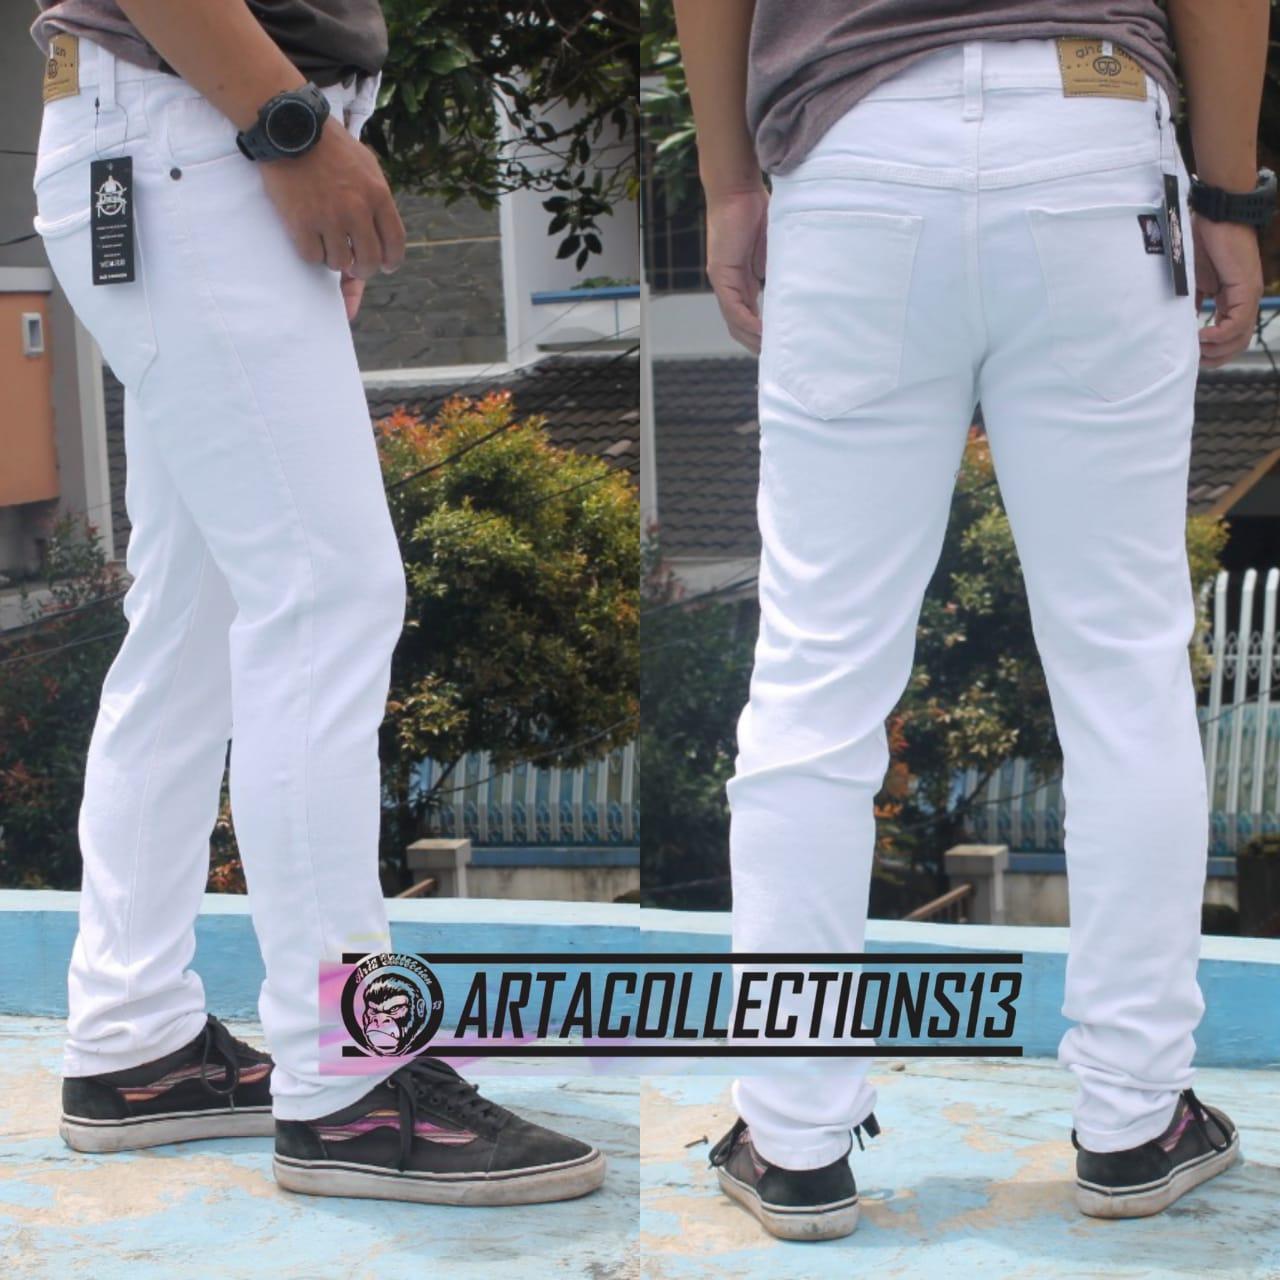 art – celana jeans skinny pria putih premium / celana jeans ghahar putih pria slimfit